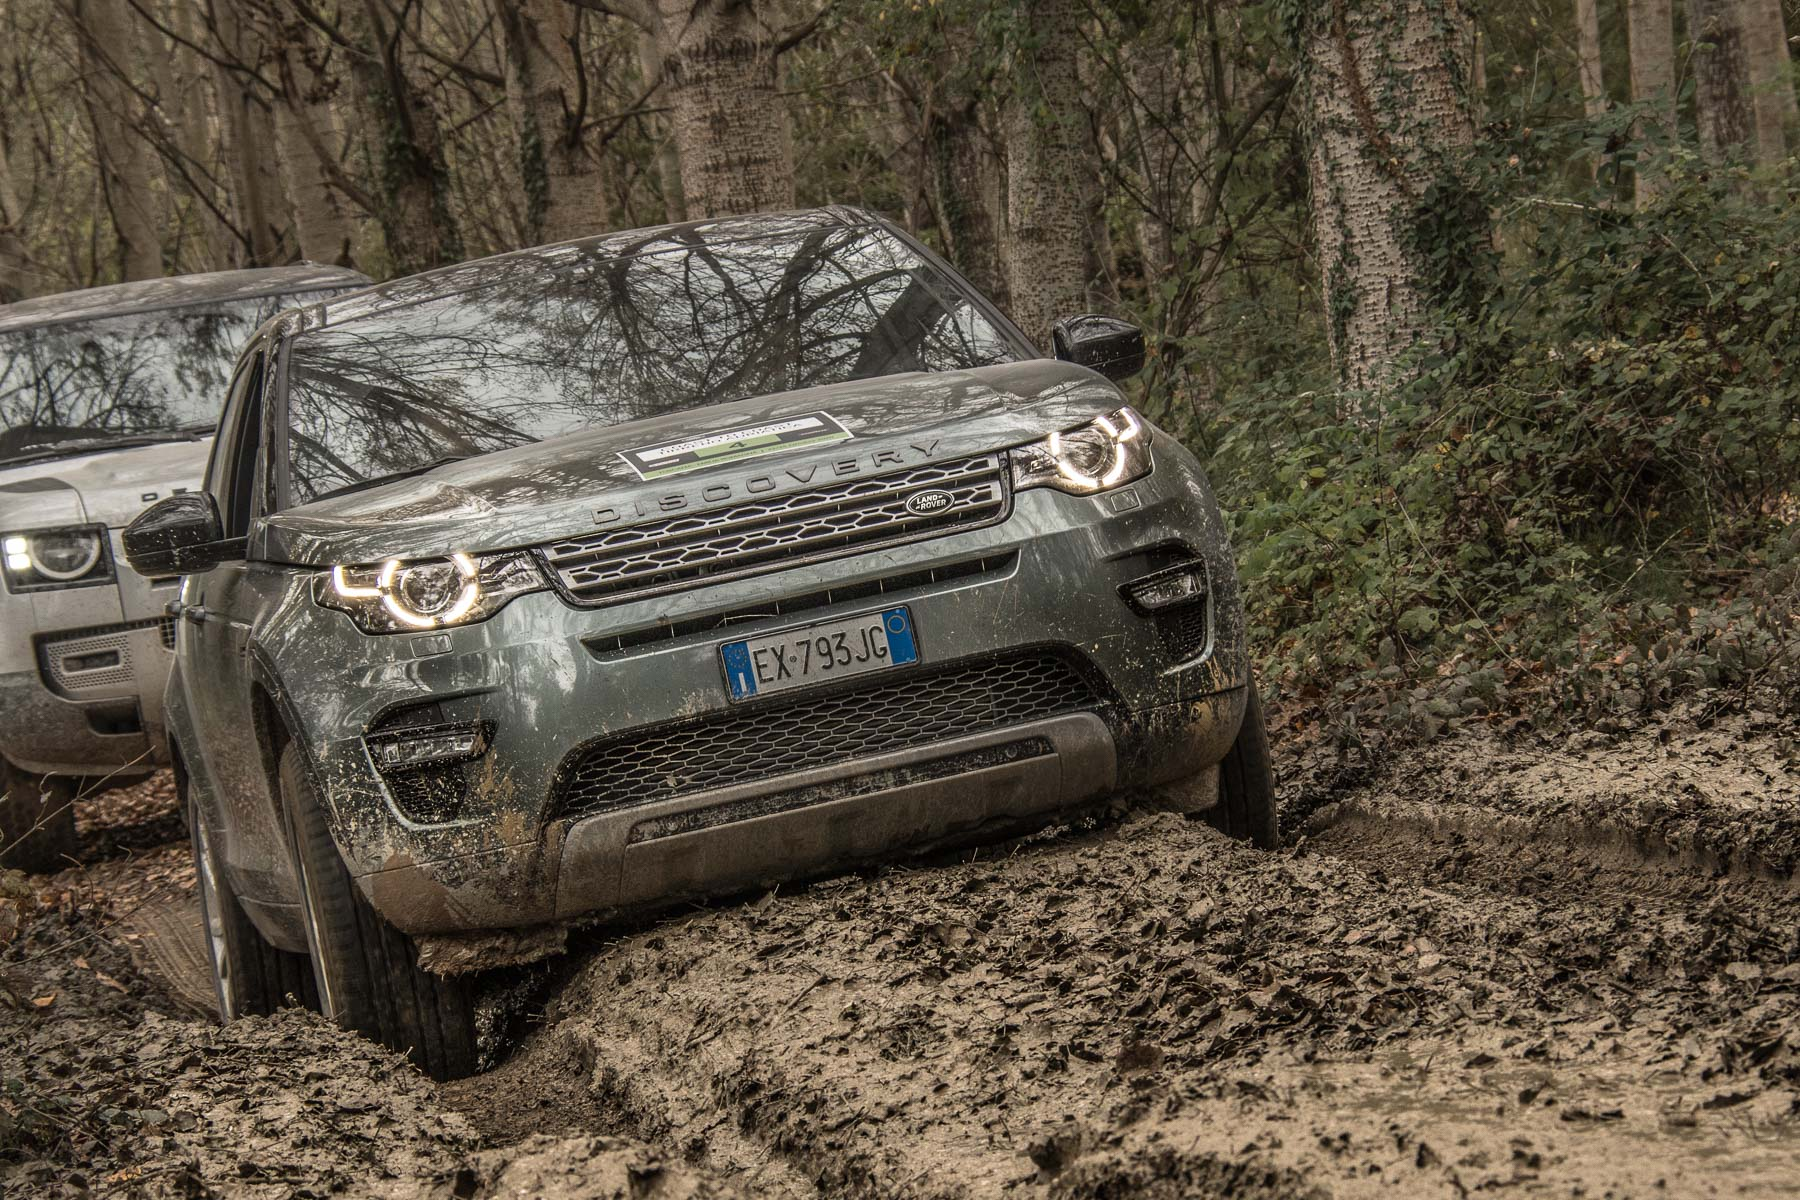 Land-Rover-Experience-Italia-Registro-Italiano-Land-Rover-Tirreno-Adriatica-2020-210